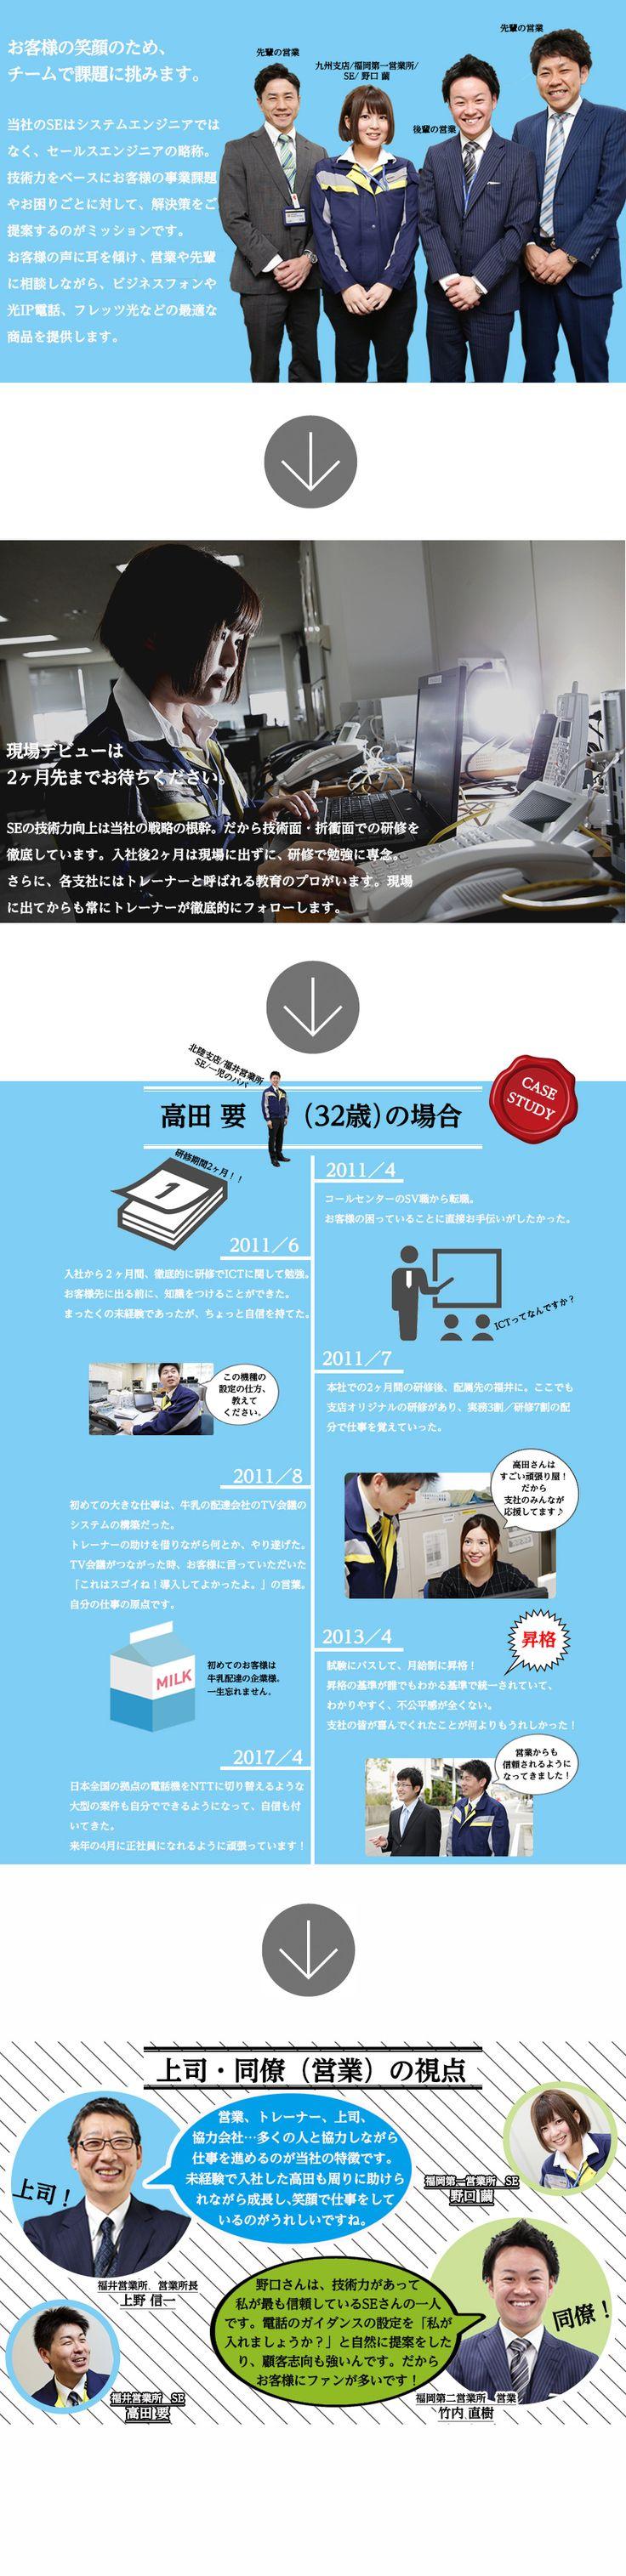 NTT西日本ビジネスフロント株式会社/未経験OKのセールスエンジニア/NTT西日本のICTサービス(光IP電話・フレッツ光など)を担当の求人PR - 転職ならDODA(デューダ)